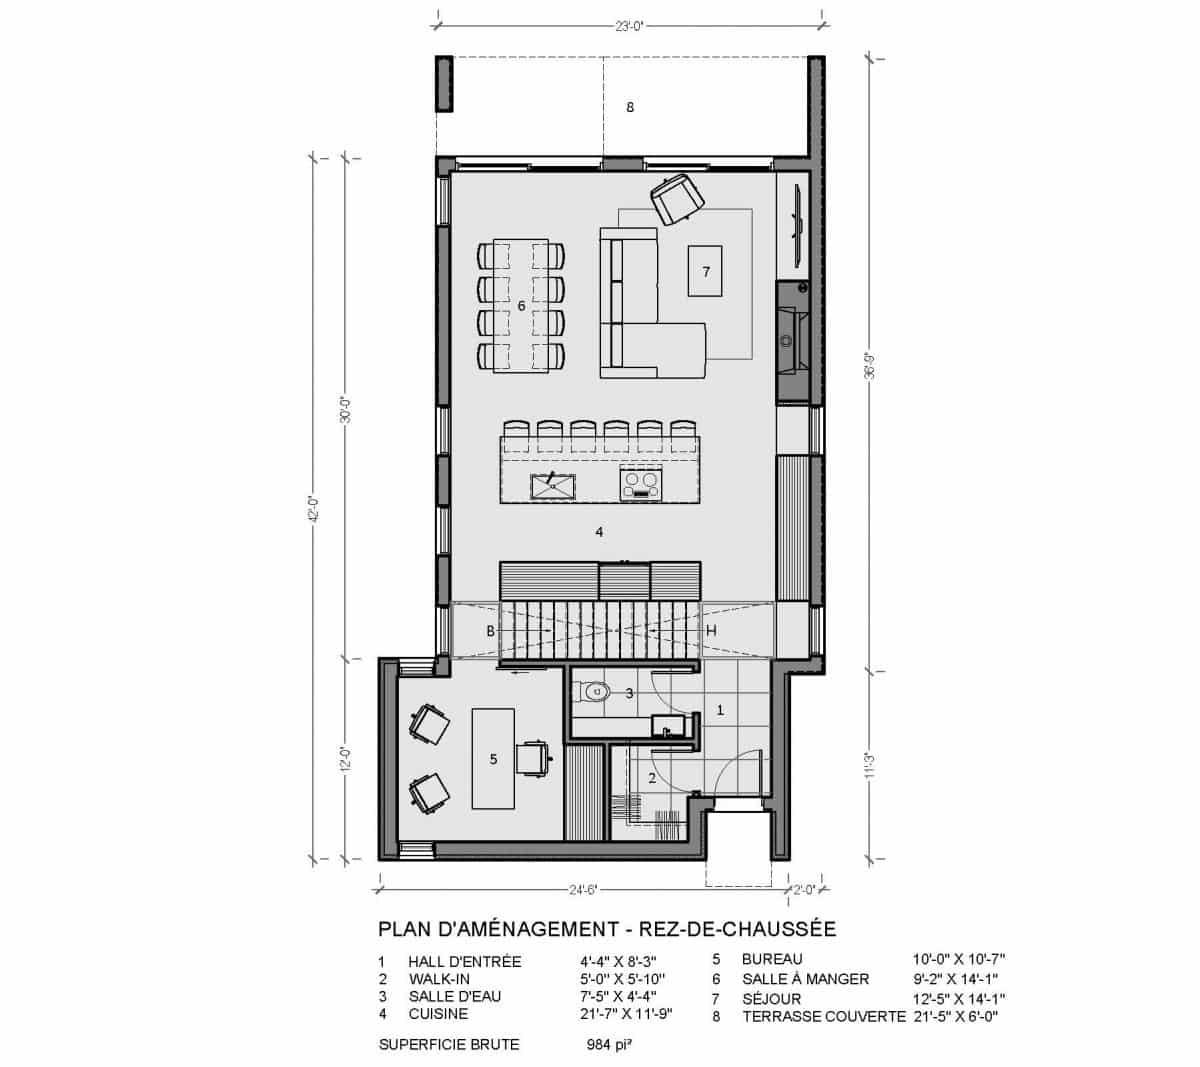 plan de maison rez de chaussée newtown